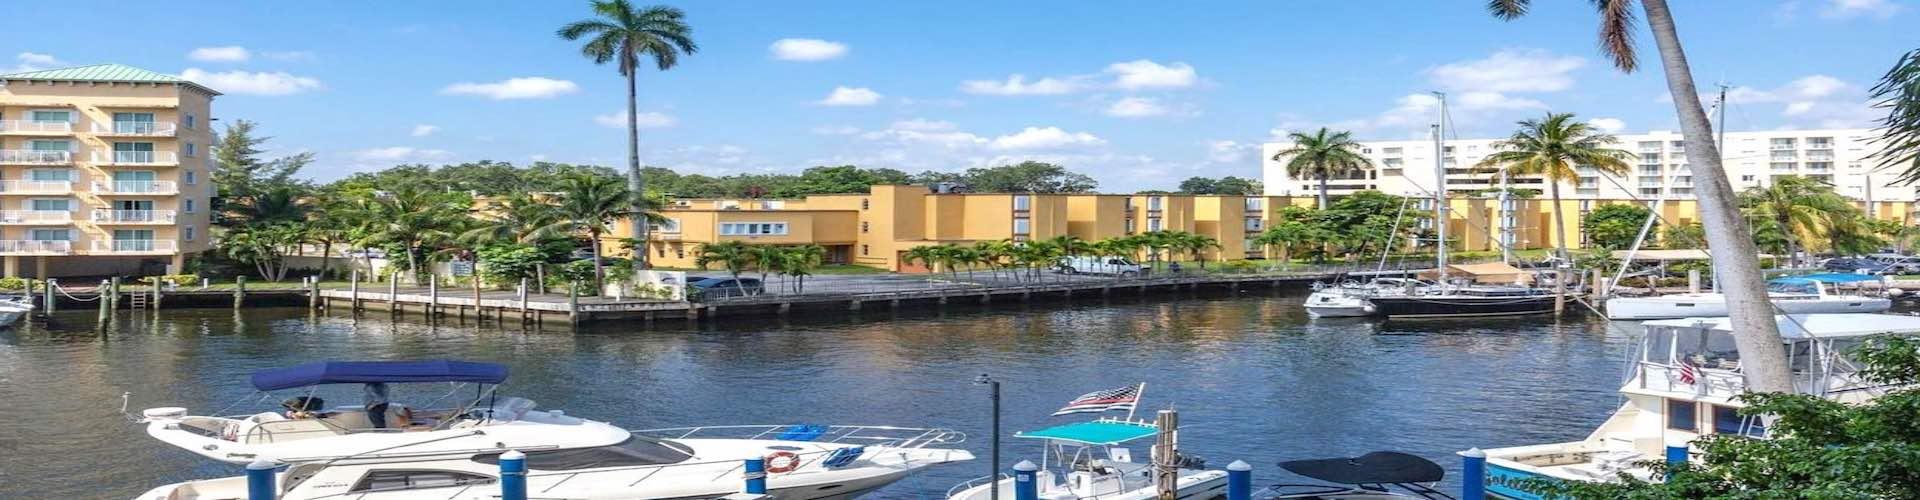 achat immobilier d'investissement USA forte rentabilite votre agence immobiliere en floride Miami aux usa defiscalisation creation patrimoine immobilier etranger